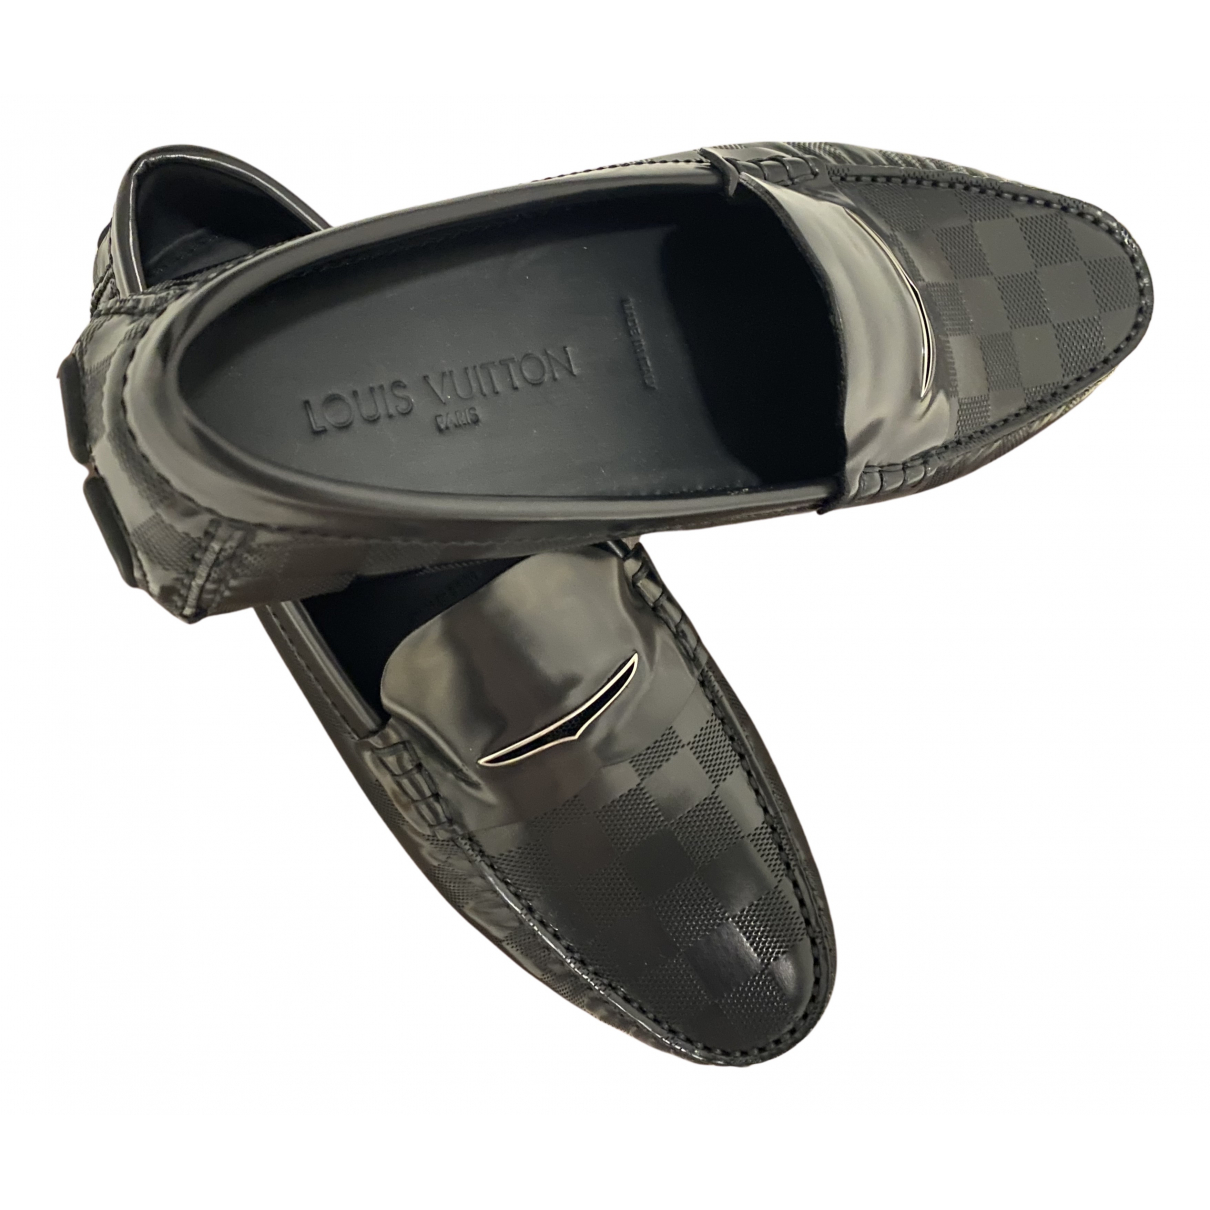 Louis Vuitton \N Espadrilles in  Schwarz Leder